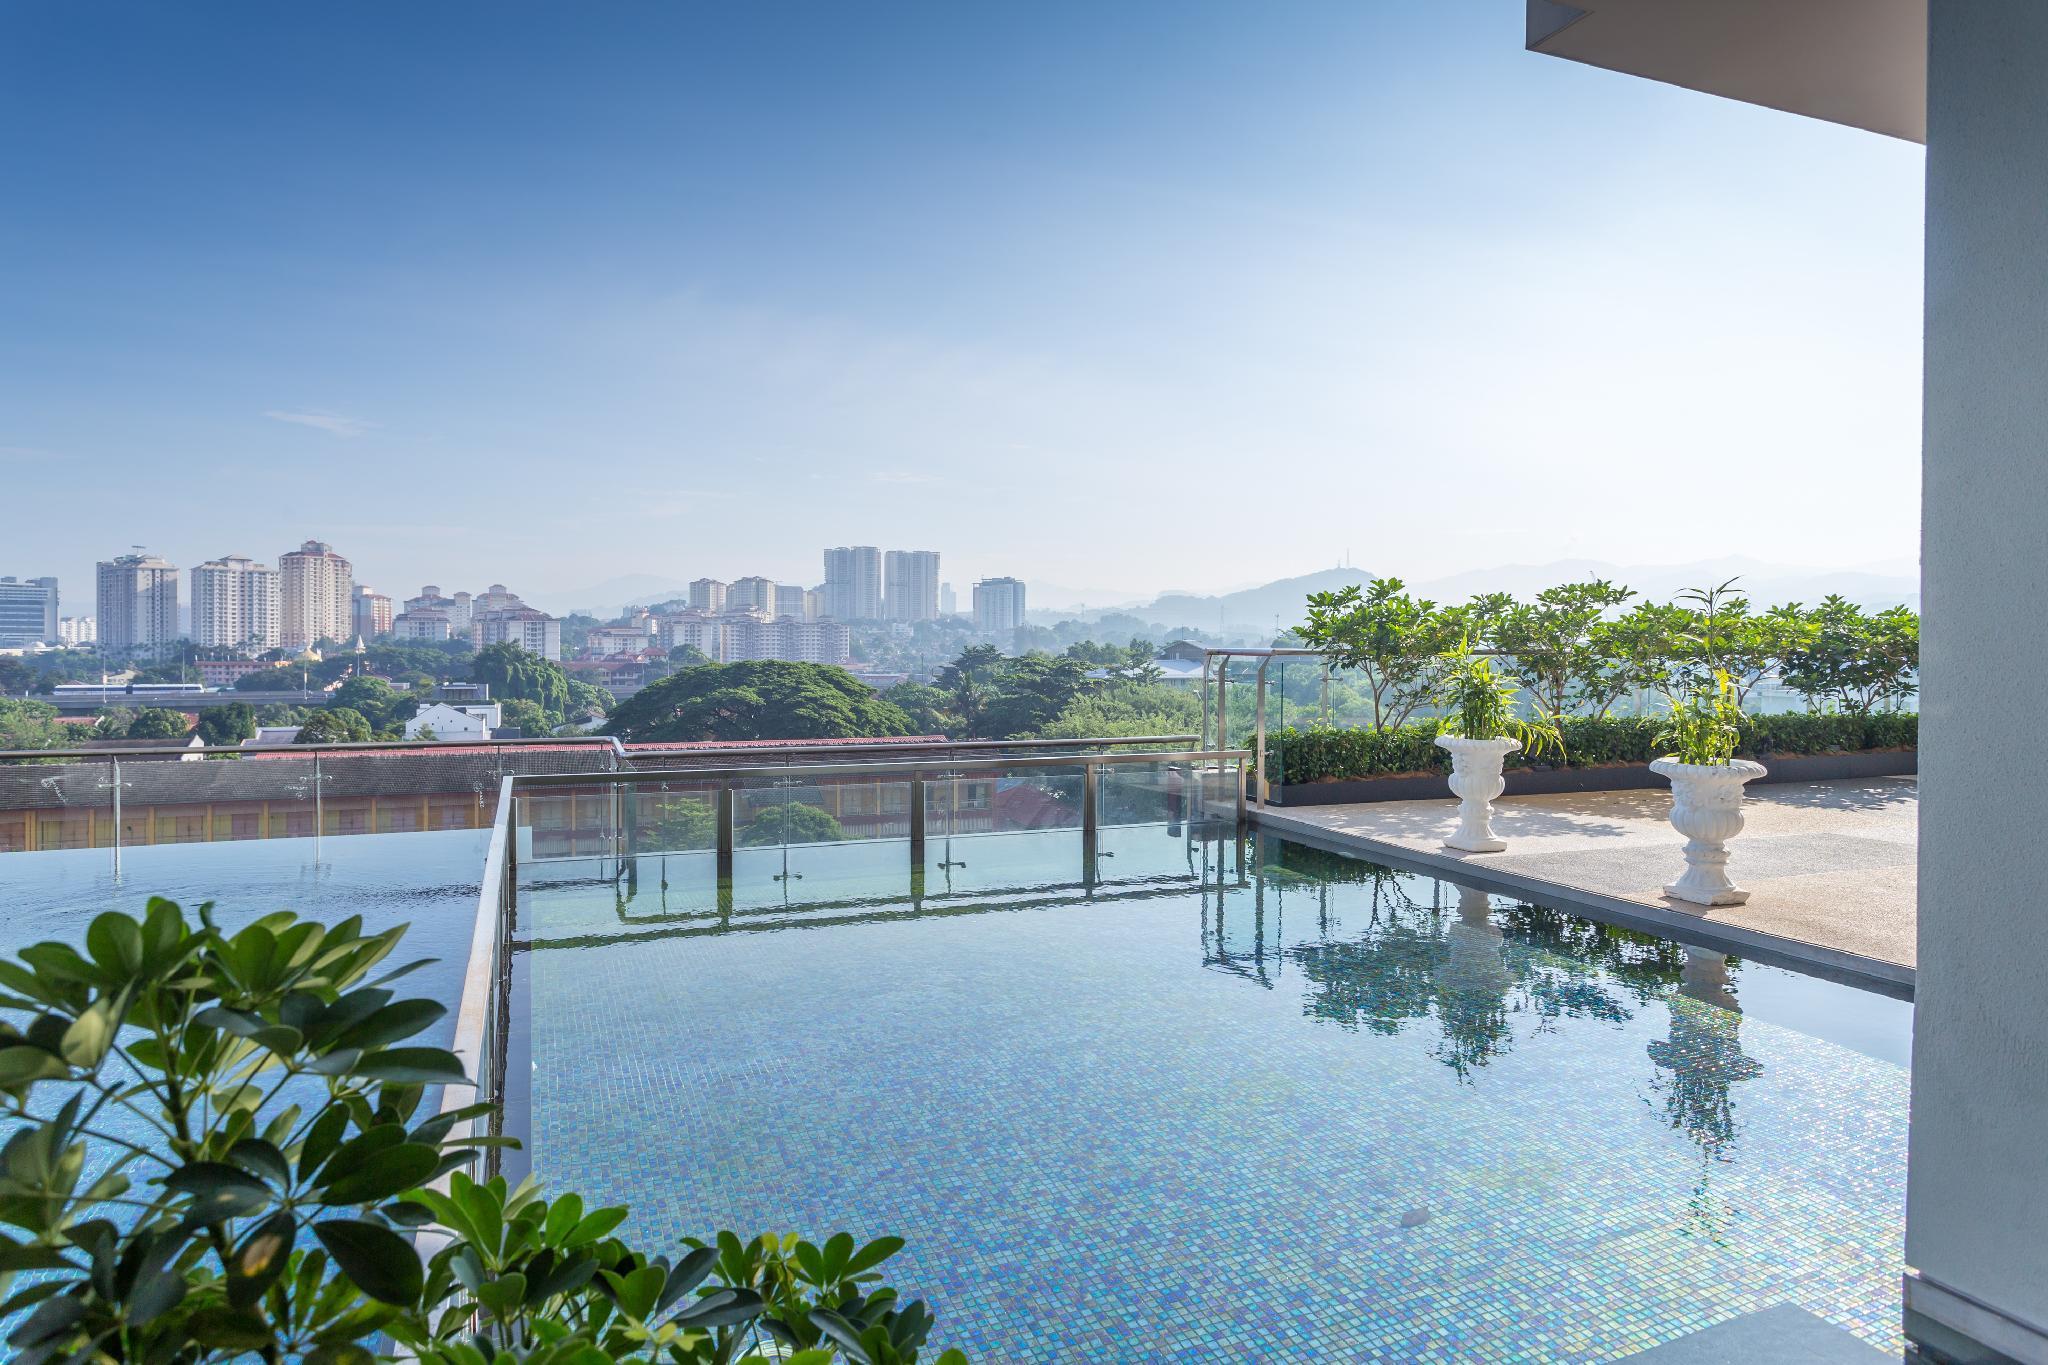 Damai 88 Luxury KLCC Suites